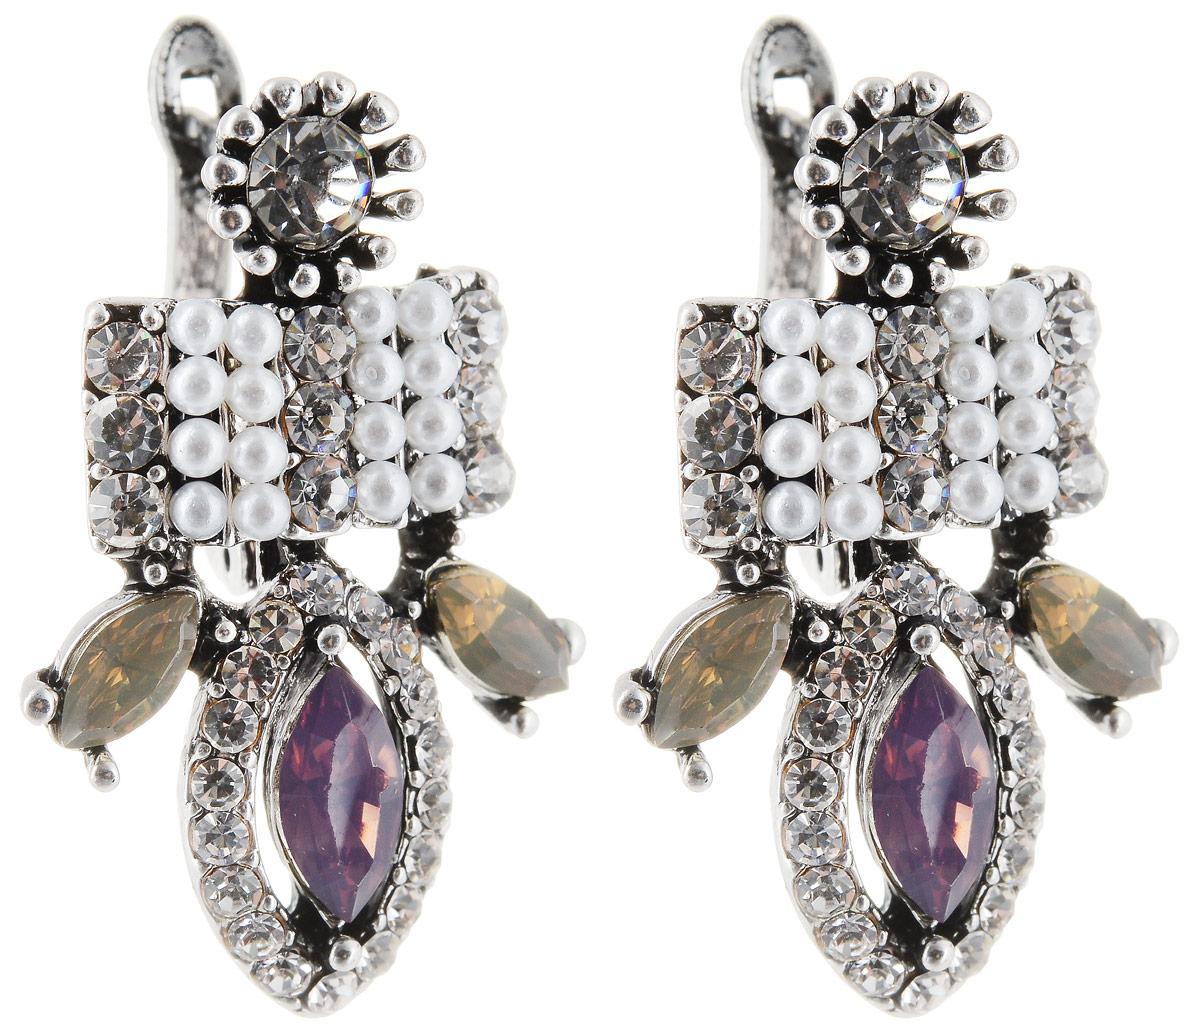 Серьги Taya, цвет: серебристый, пурпурный. T-B-12954T-B-12954-EARR-SL.PURPLEСерьги с английским замком. Некрупные, с мелкими деталями оформлены вставками из пастельных кристаллов. Много страз: есть блестящие, есть матовые белые. Металл в глубине слегка тонированный.